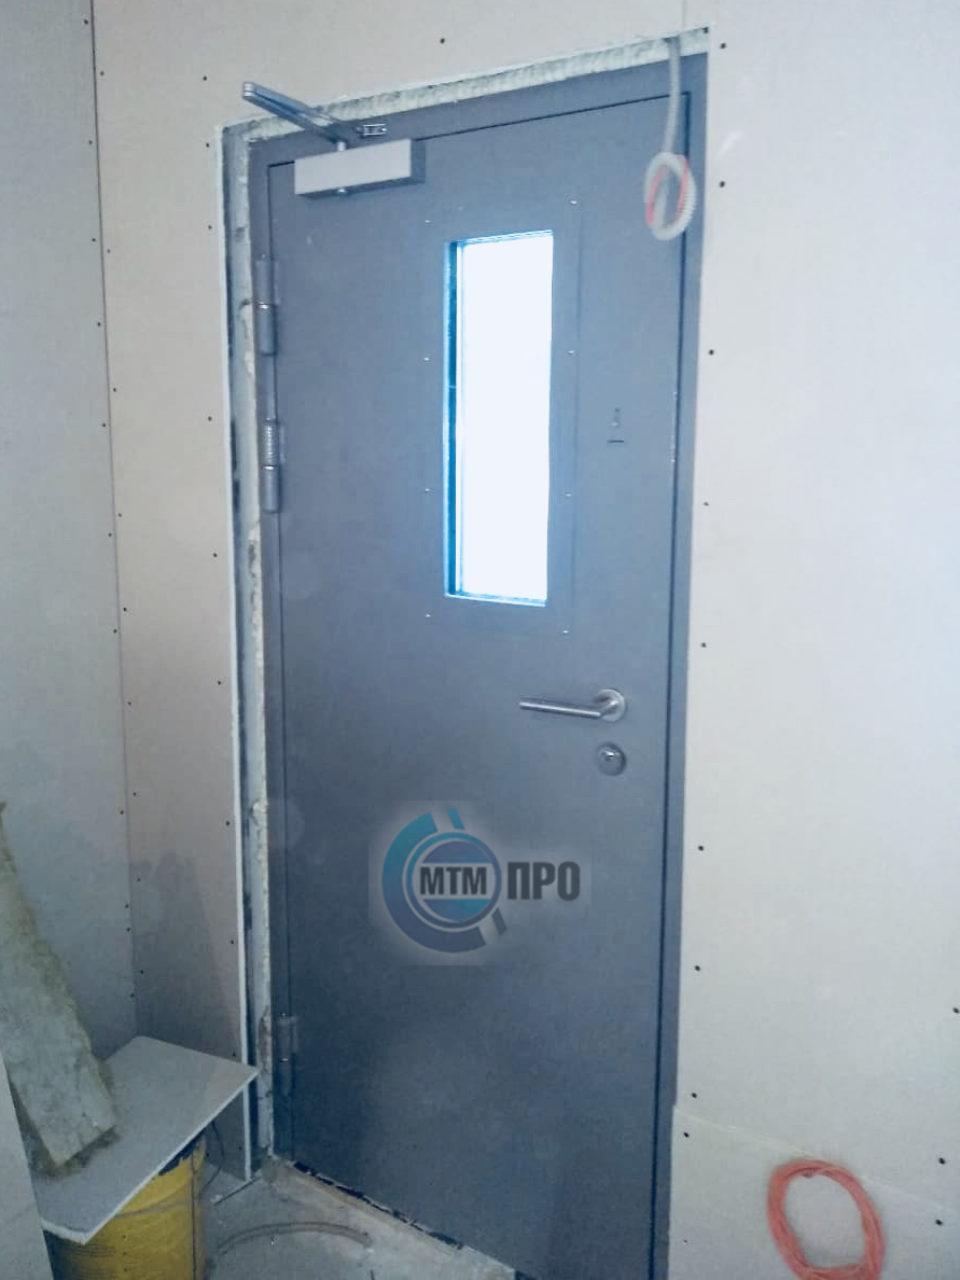 Пулестойкая дверь